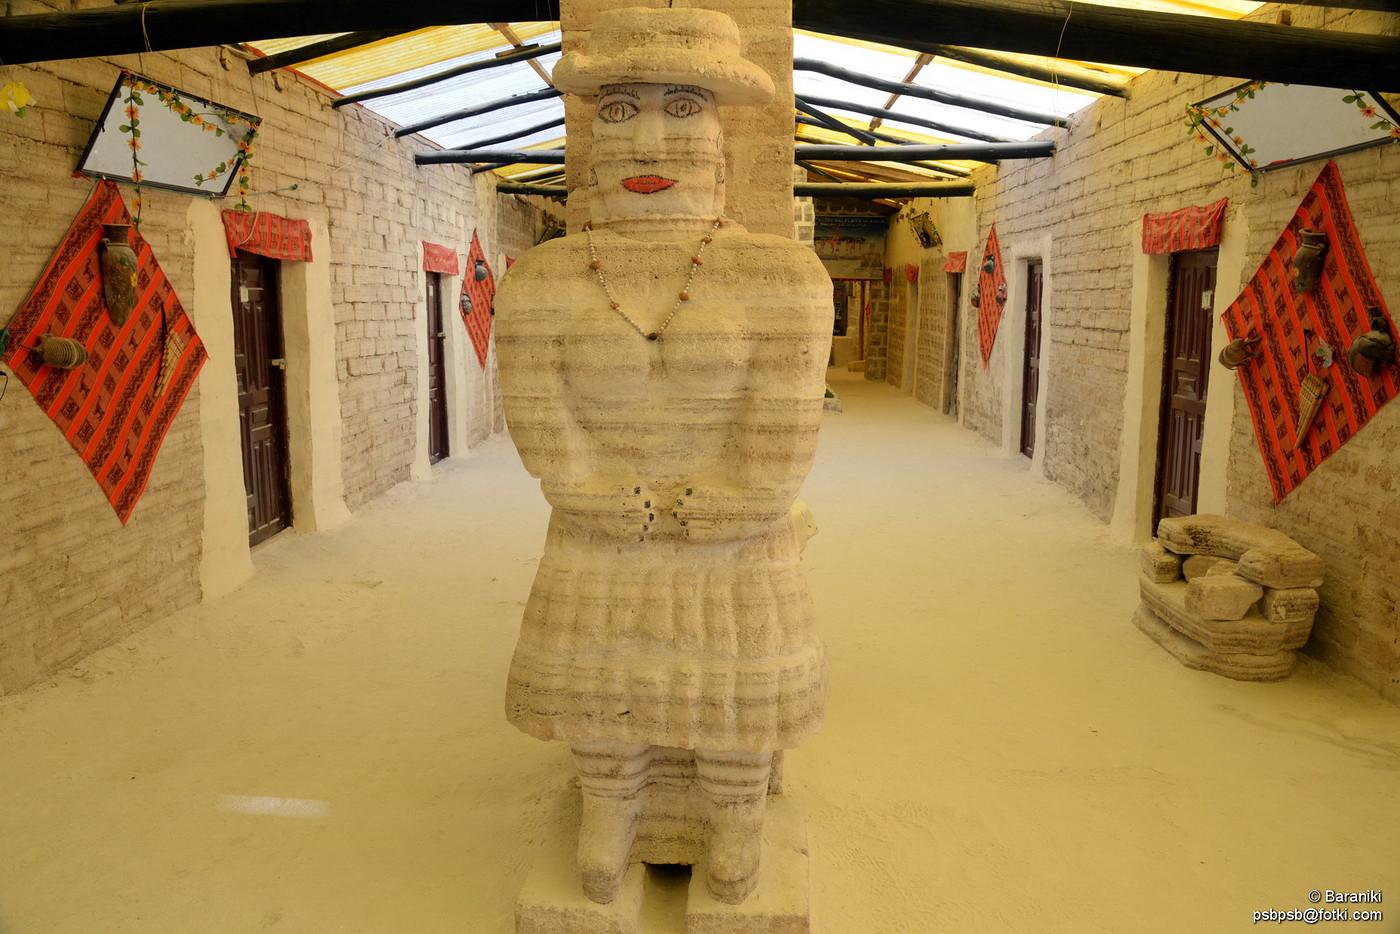 Rzeźba wewnątrz budynku - wszystko z soli